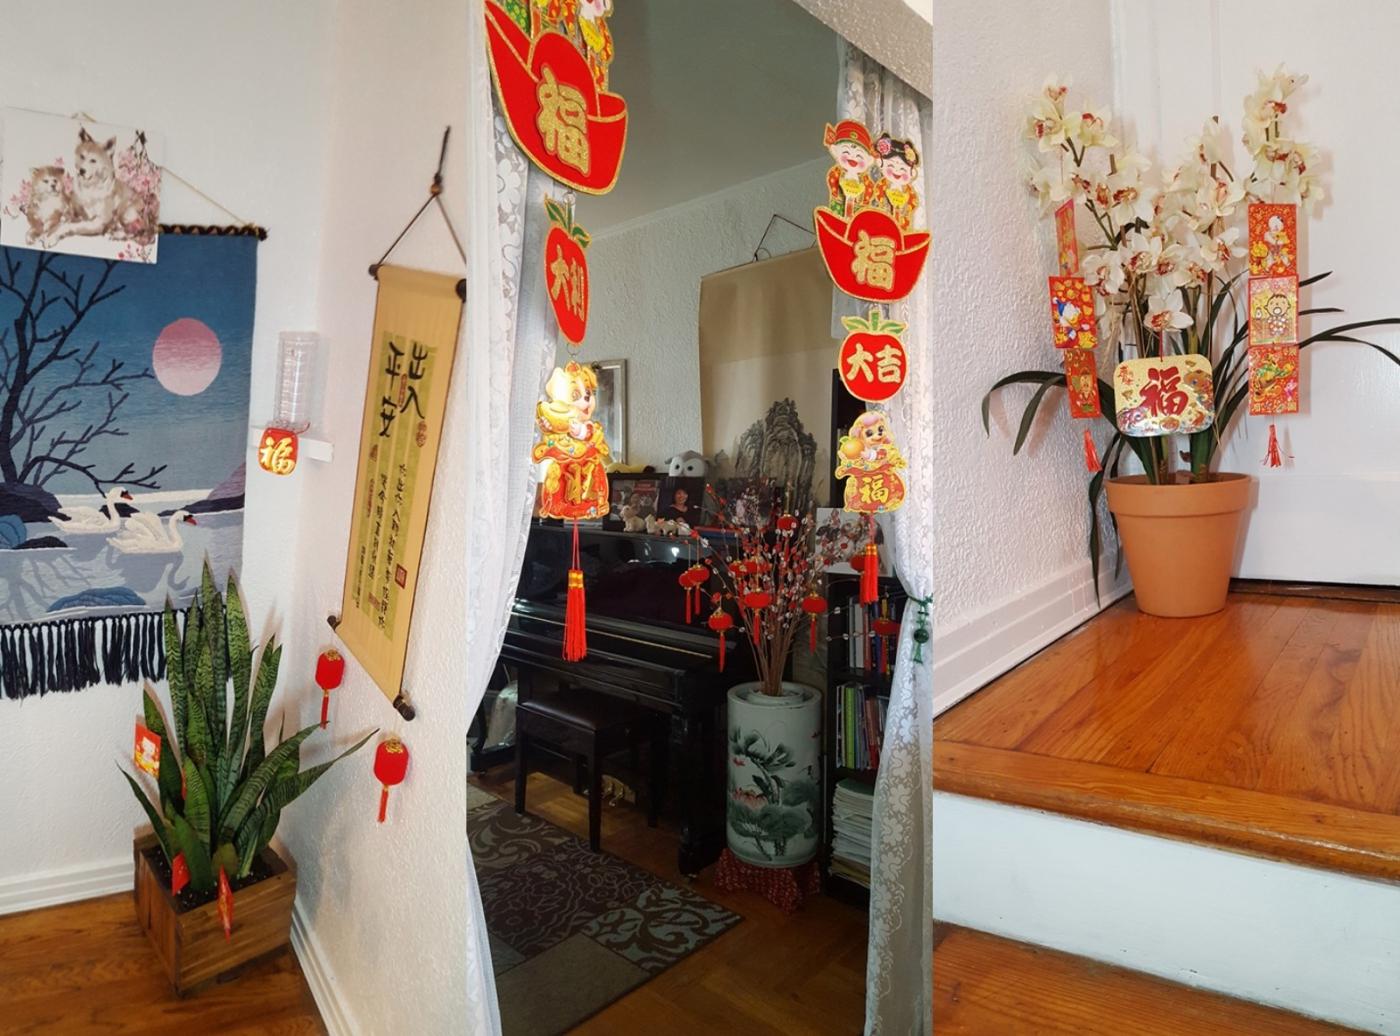 [田螺随拍]过年家居的装饰也是对父母亲的一种传承_图1-1